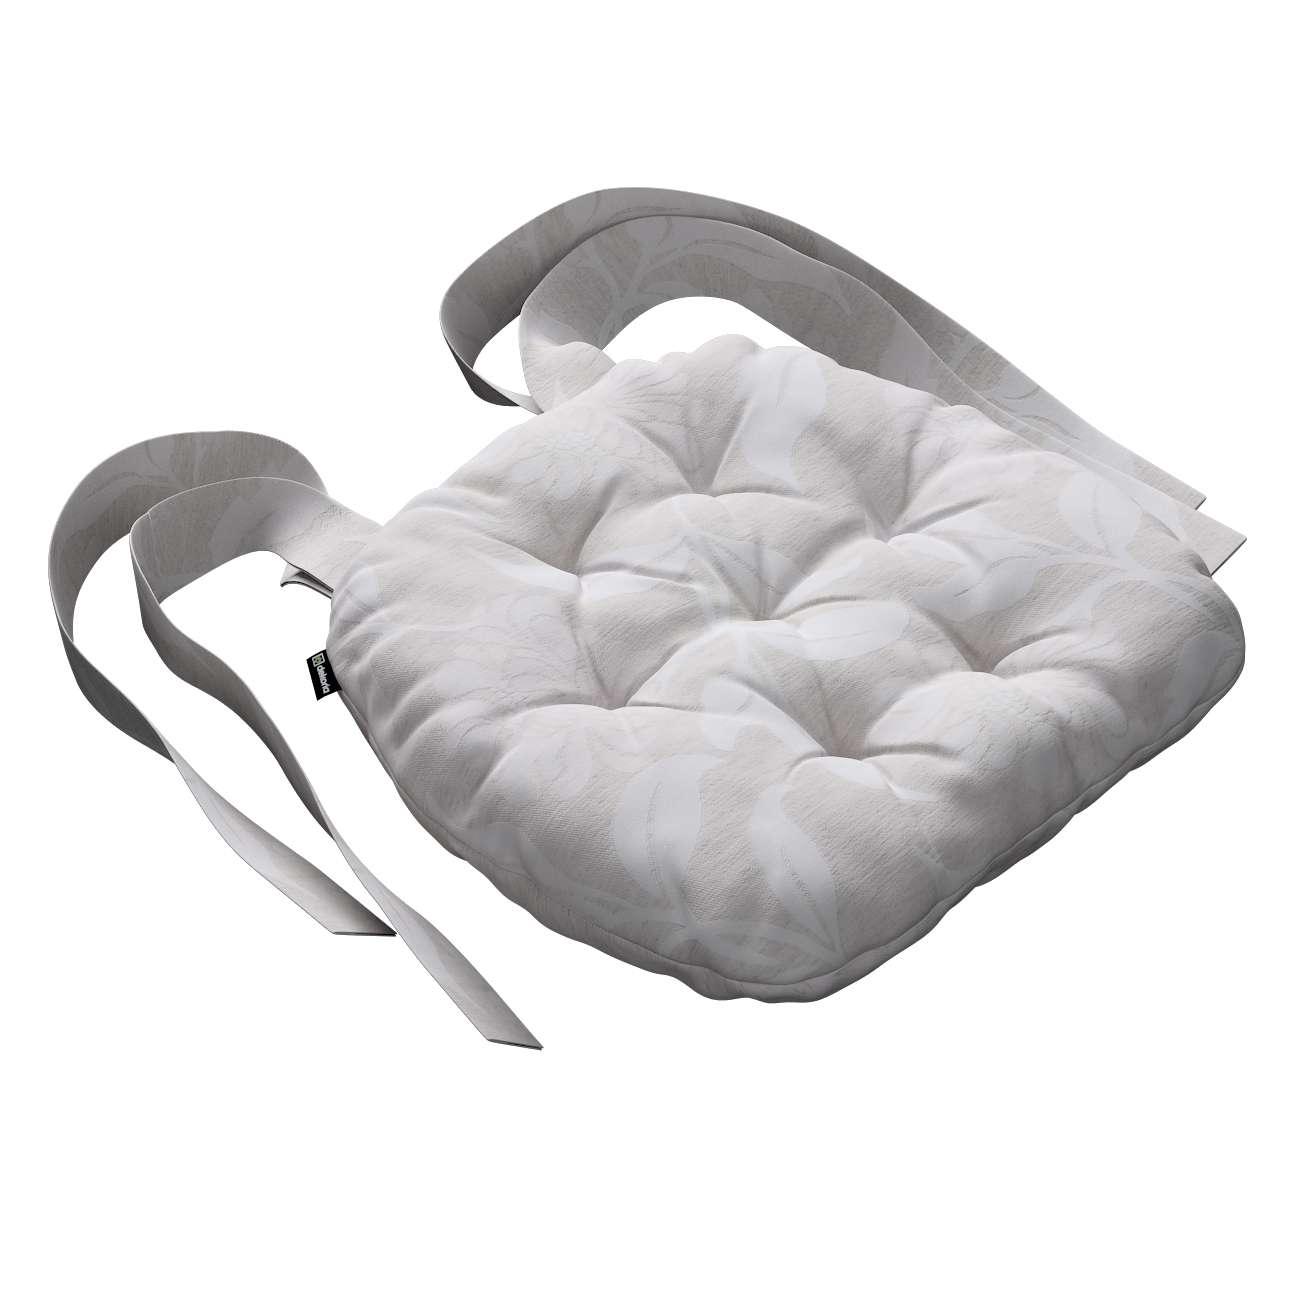 Siedzisko Marcin na krzesło 40x37x8cm w kolekcji Venice, tkanina: 140-51